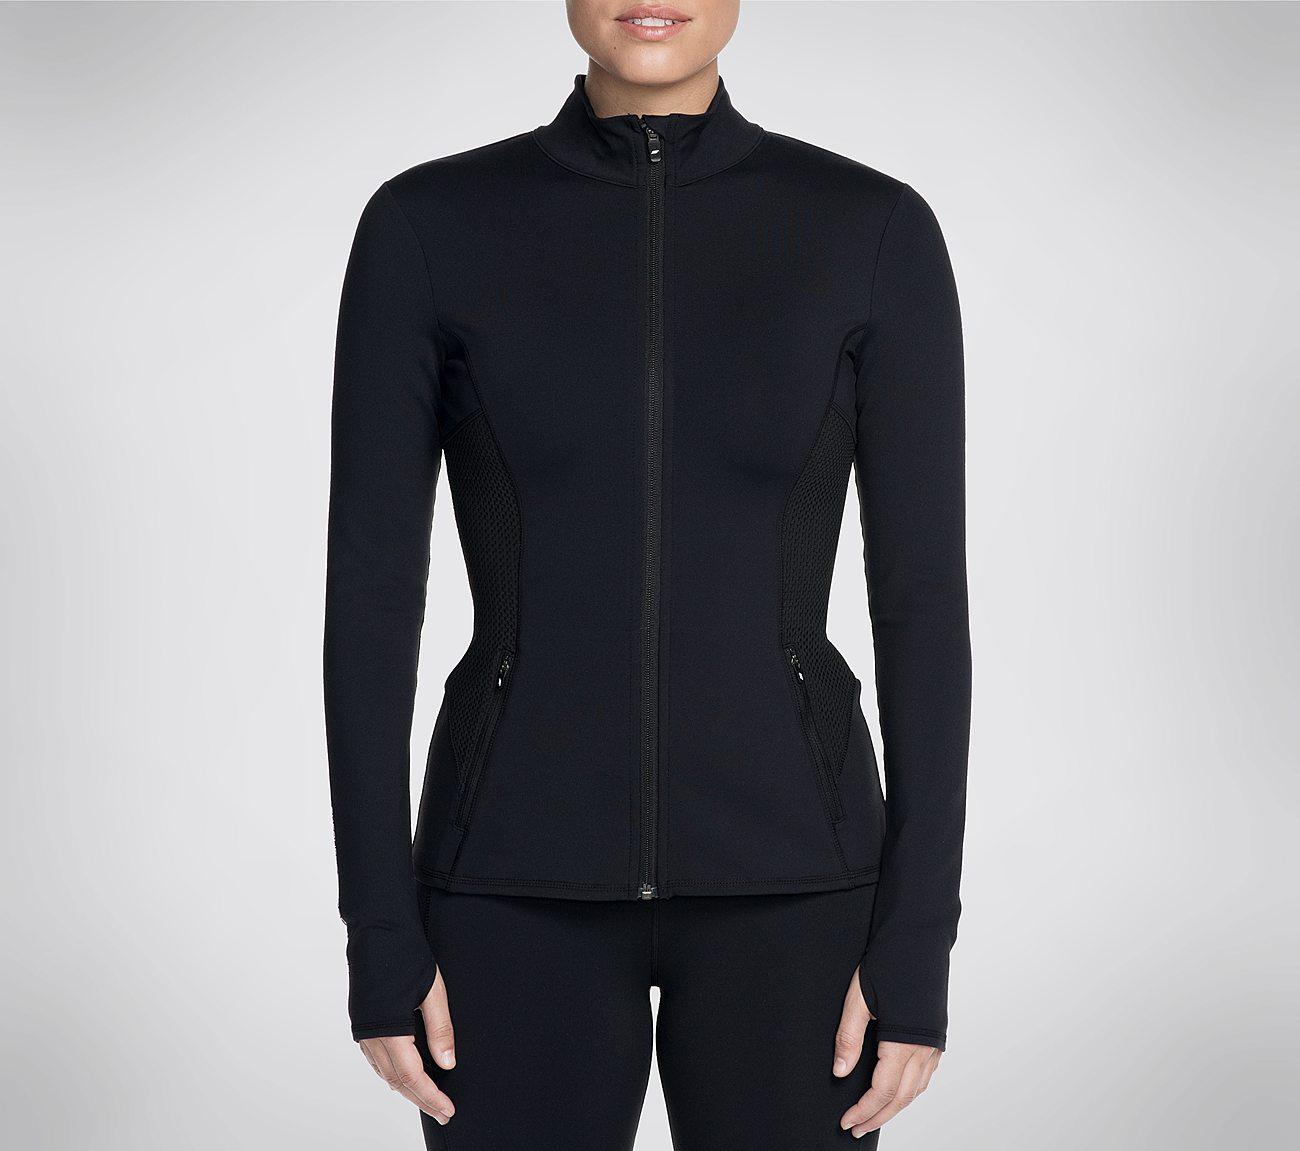 Skechers Tone Knit Jacket